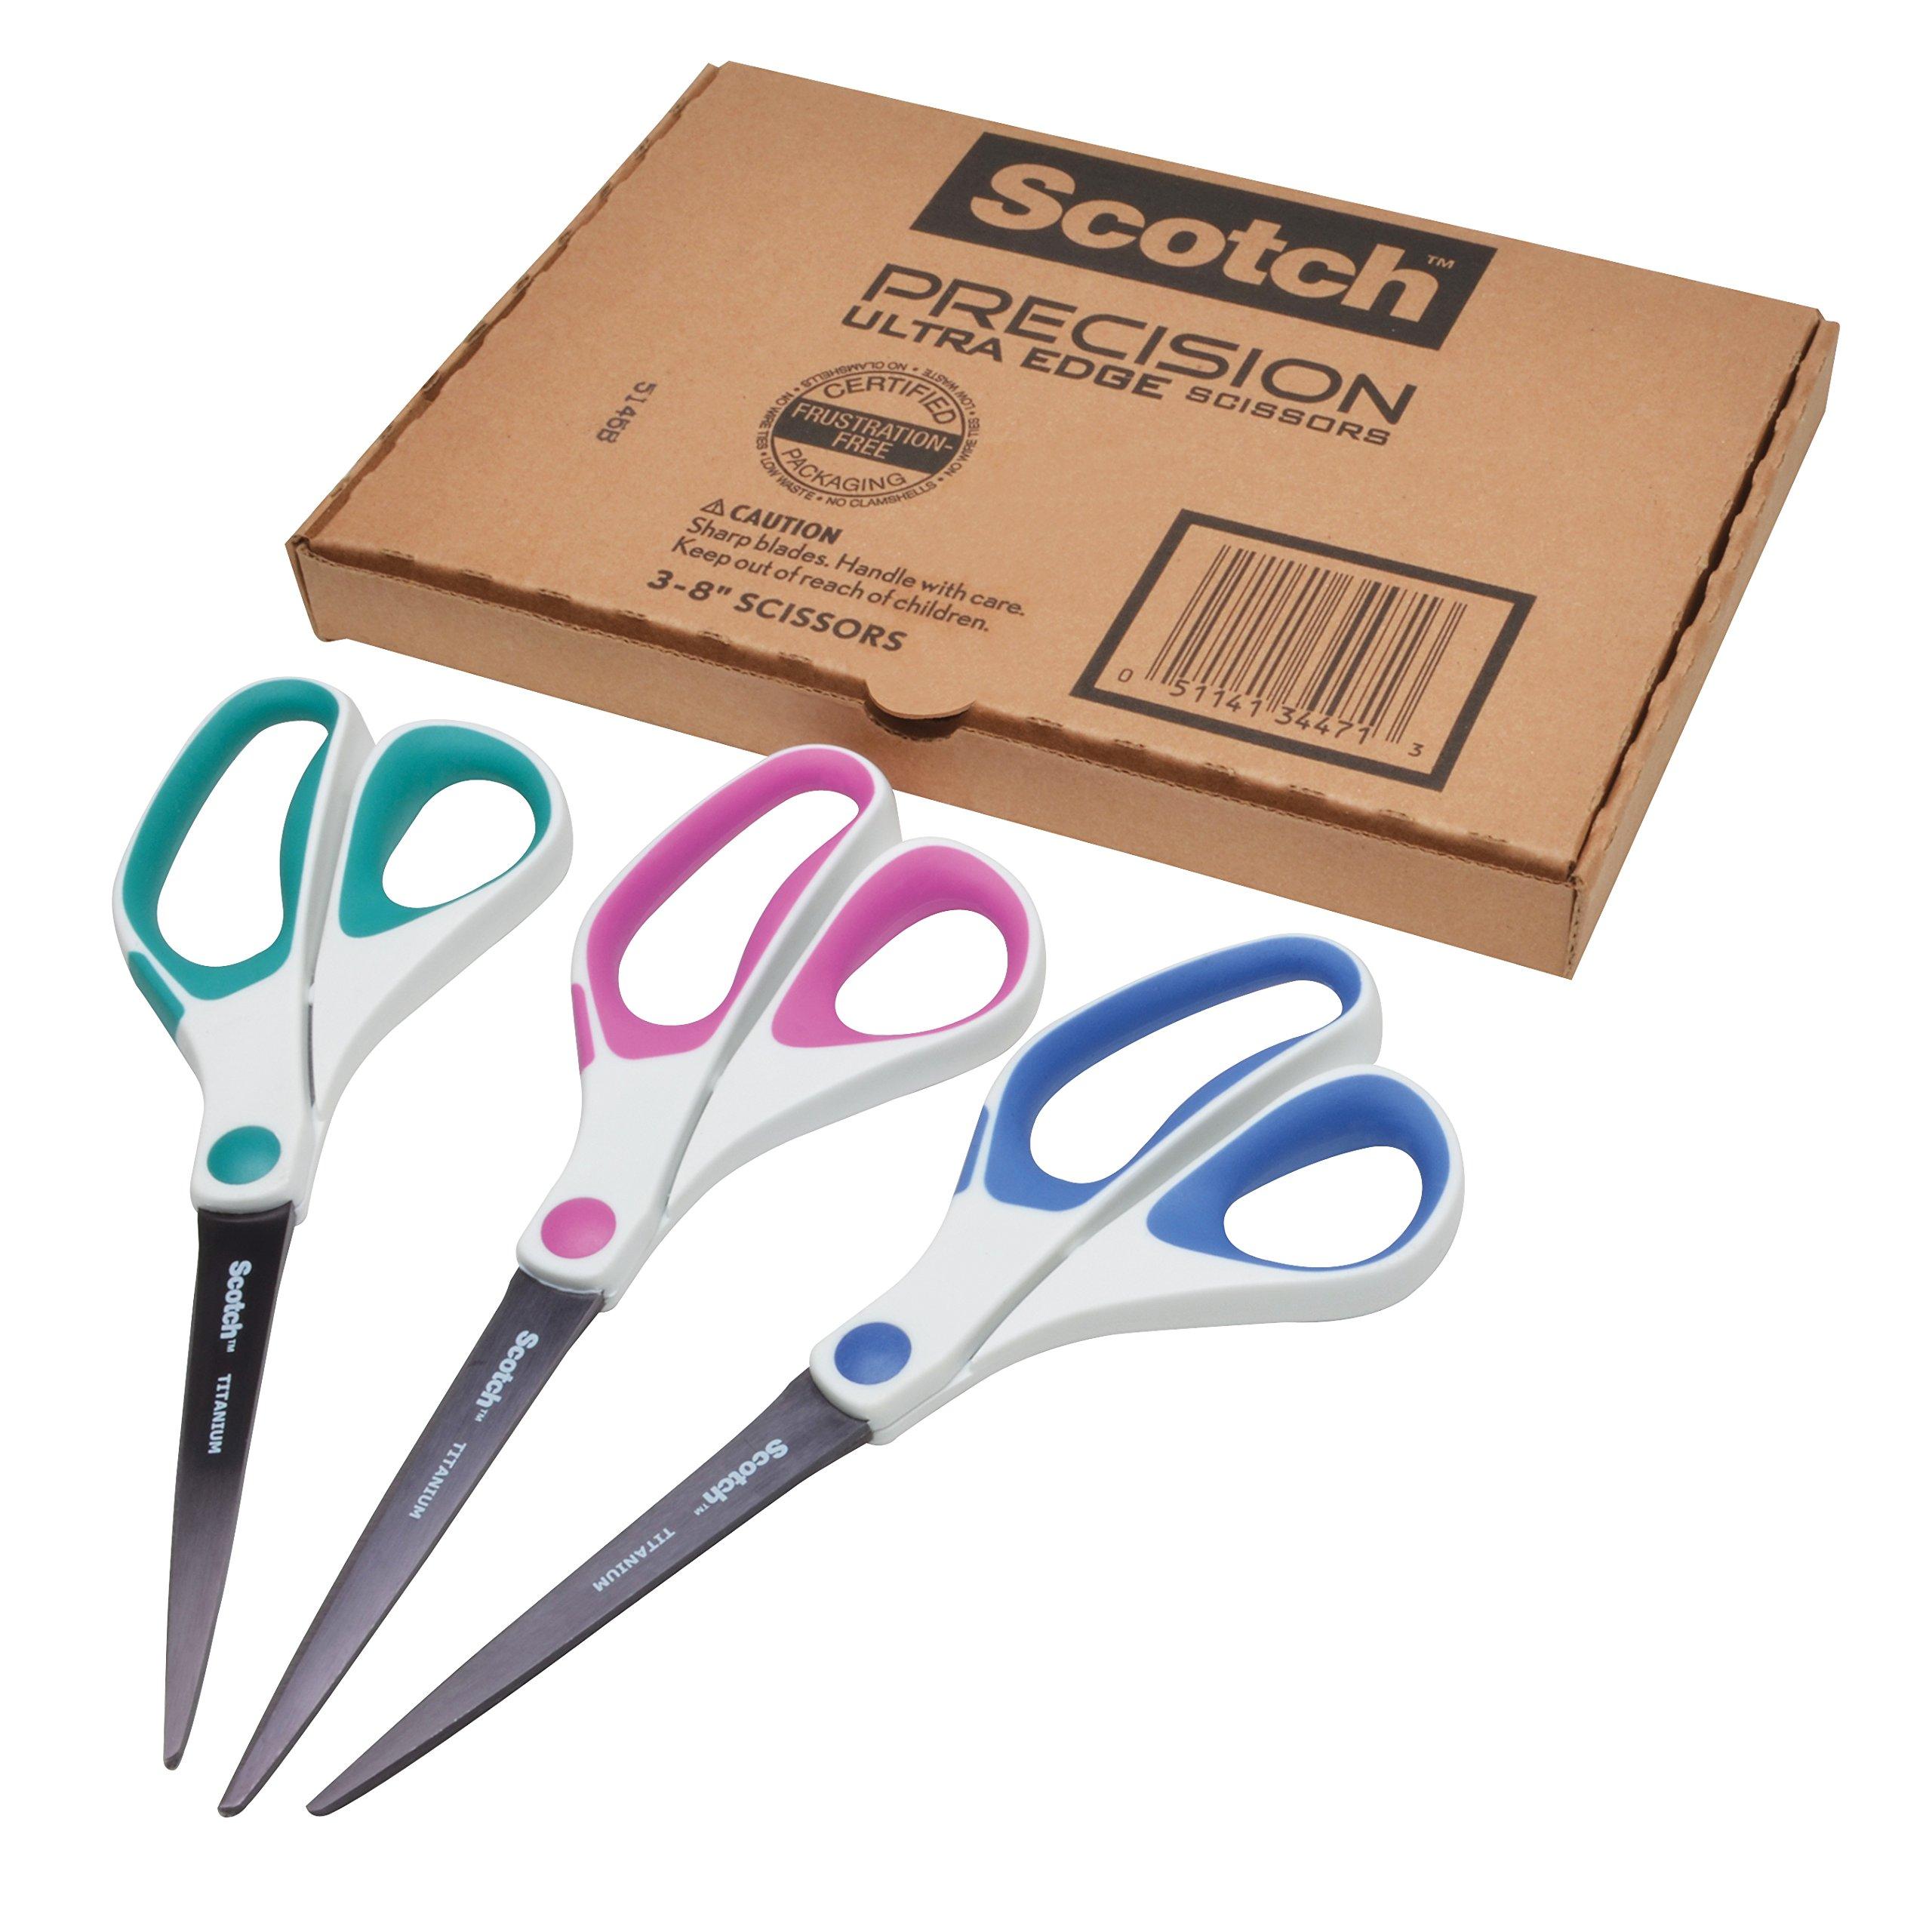 Scotch Precision Scissors 3 Pack 1458 3AMZ